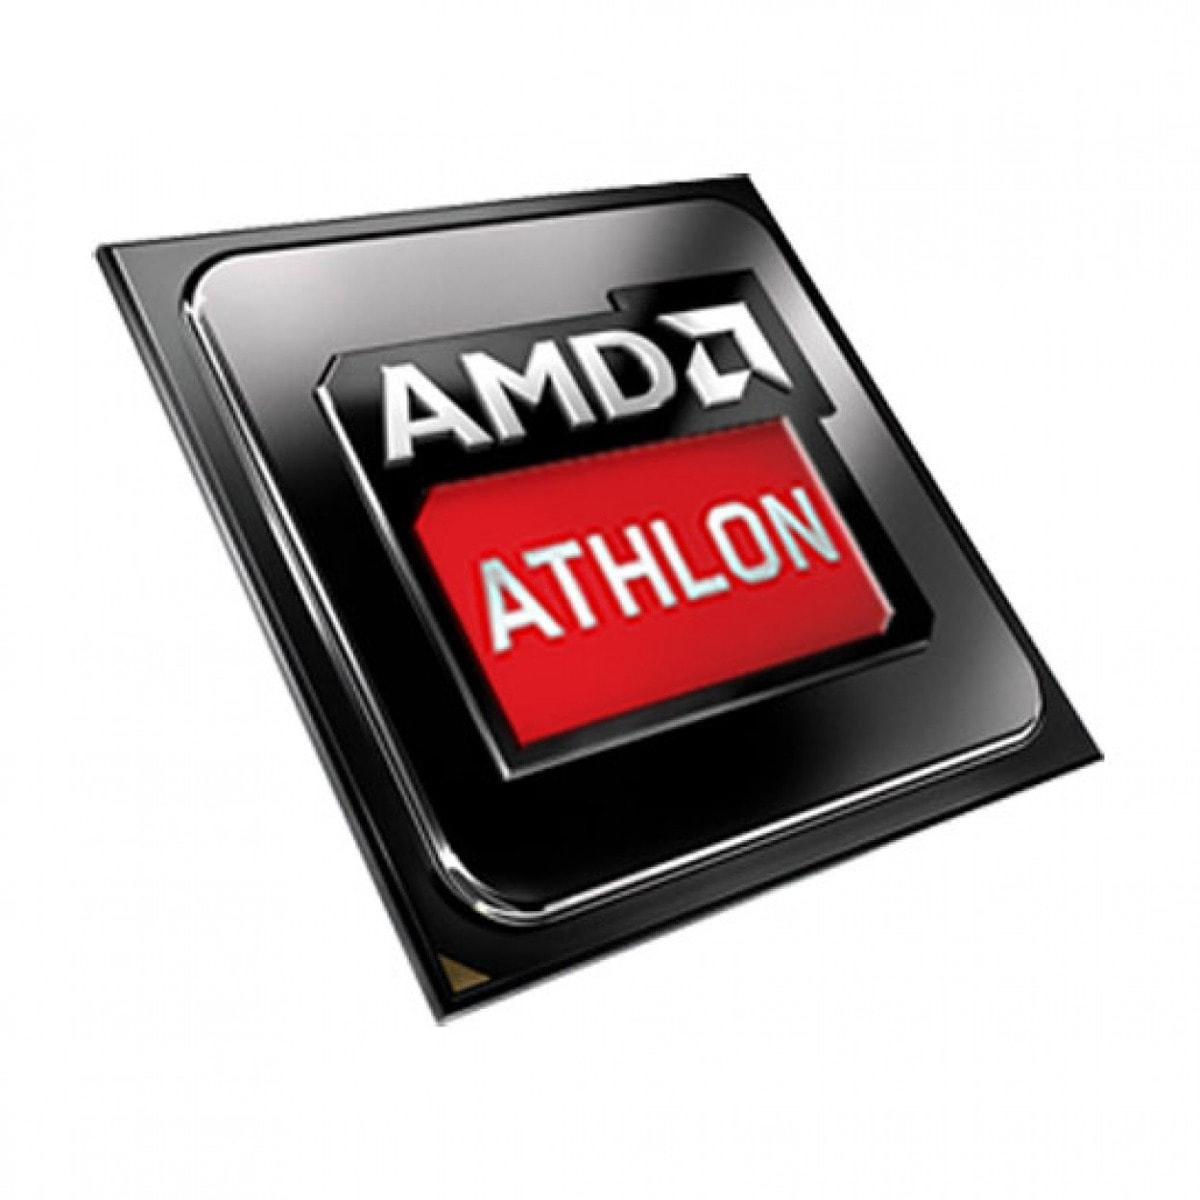 Processador AMD Athlon 3200+ 512K Cache / 2.00 GHz / 1000 MHz - Seminovo